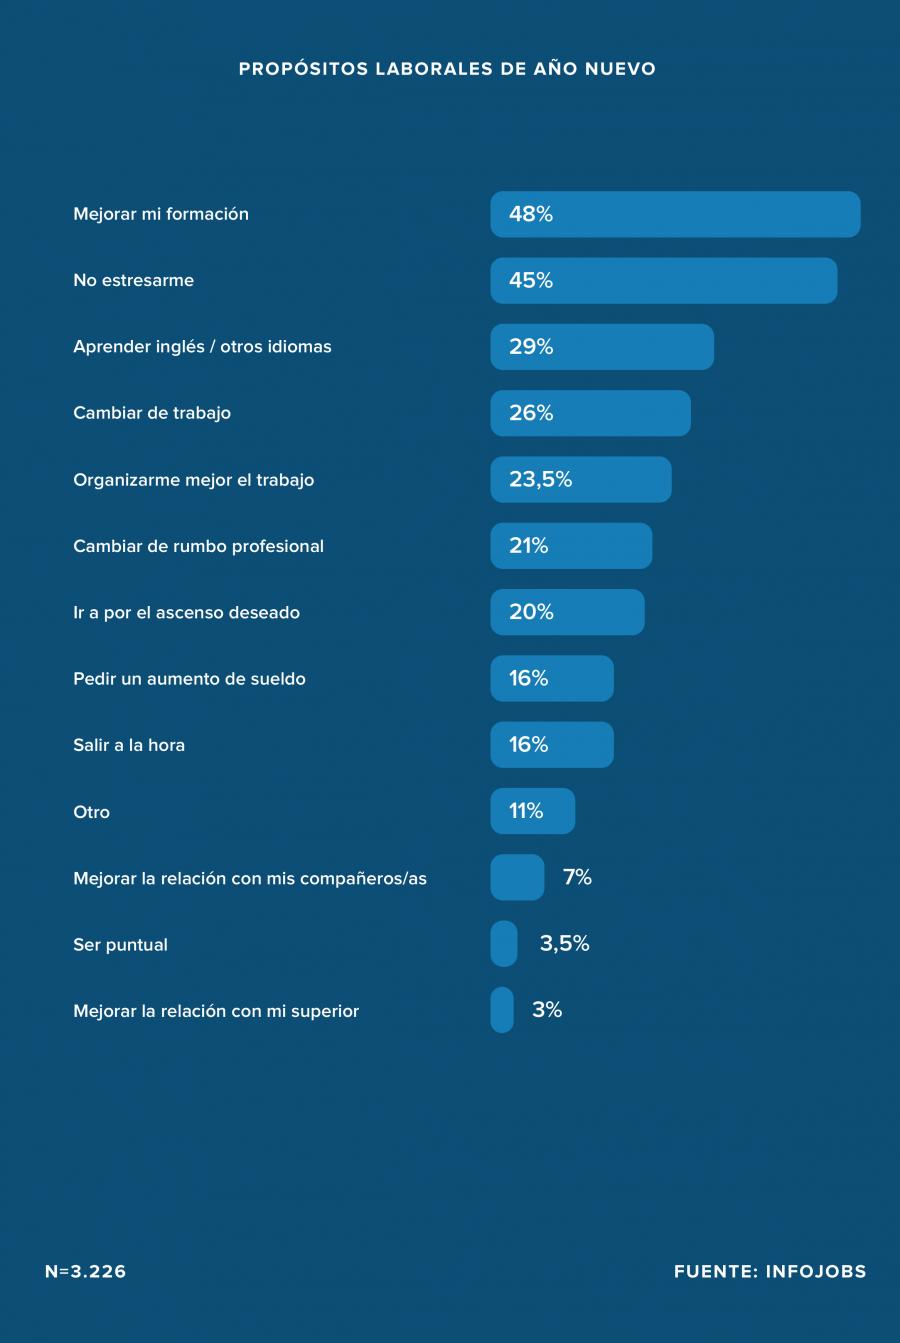 Empleo Empleo 1 de cada 4 españoles ocupados tiene como propósito de año nuevo cambiar de empleo